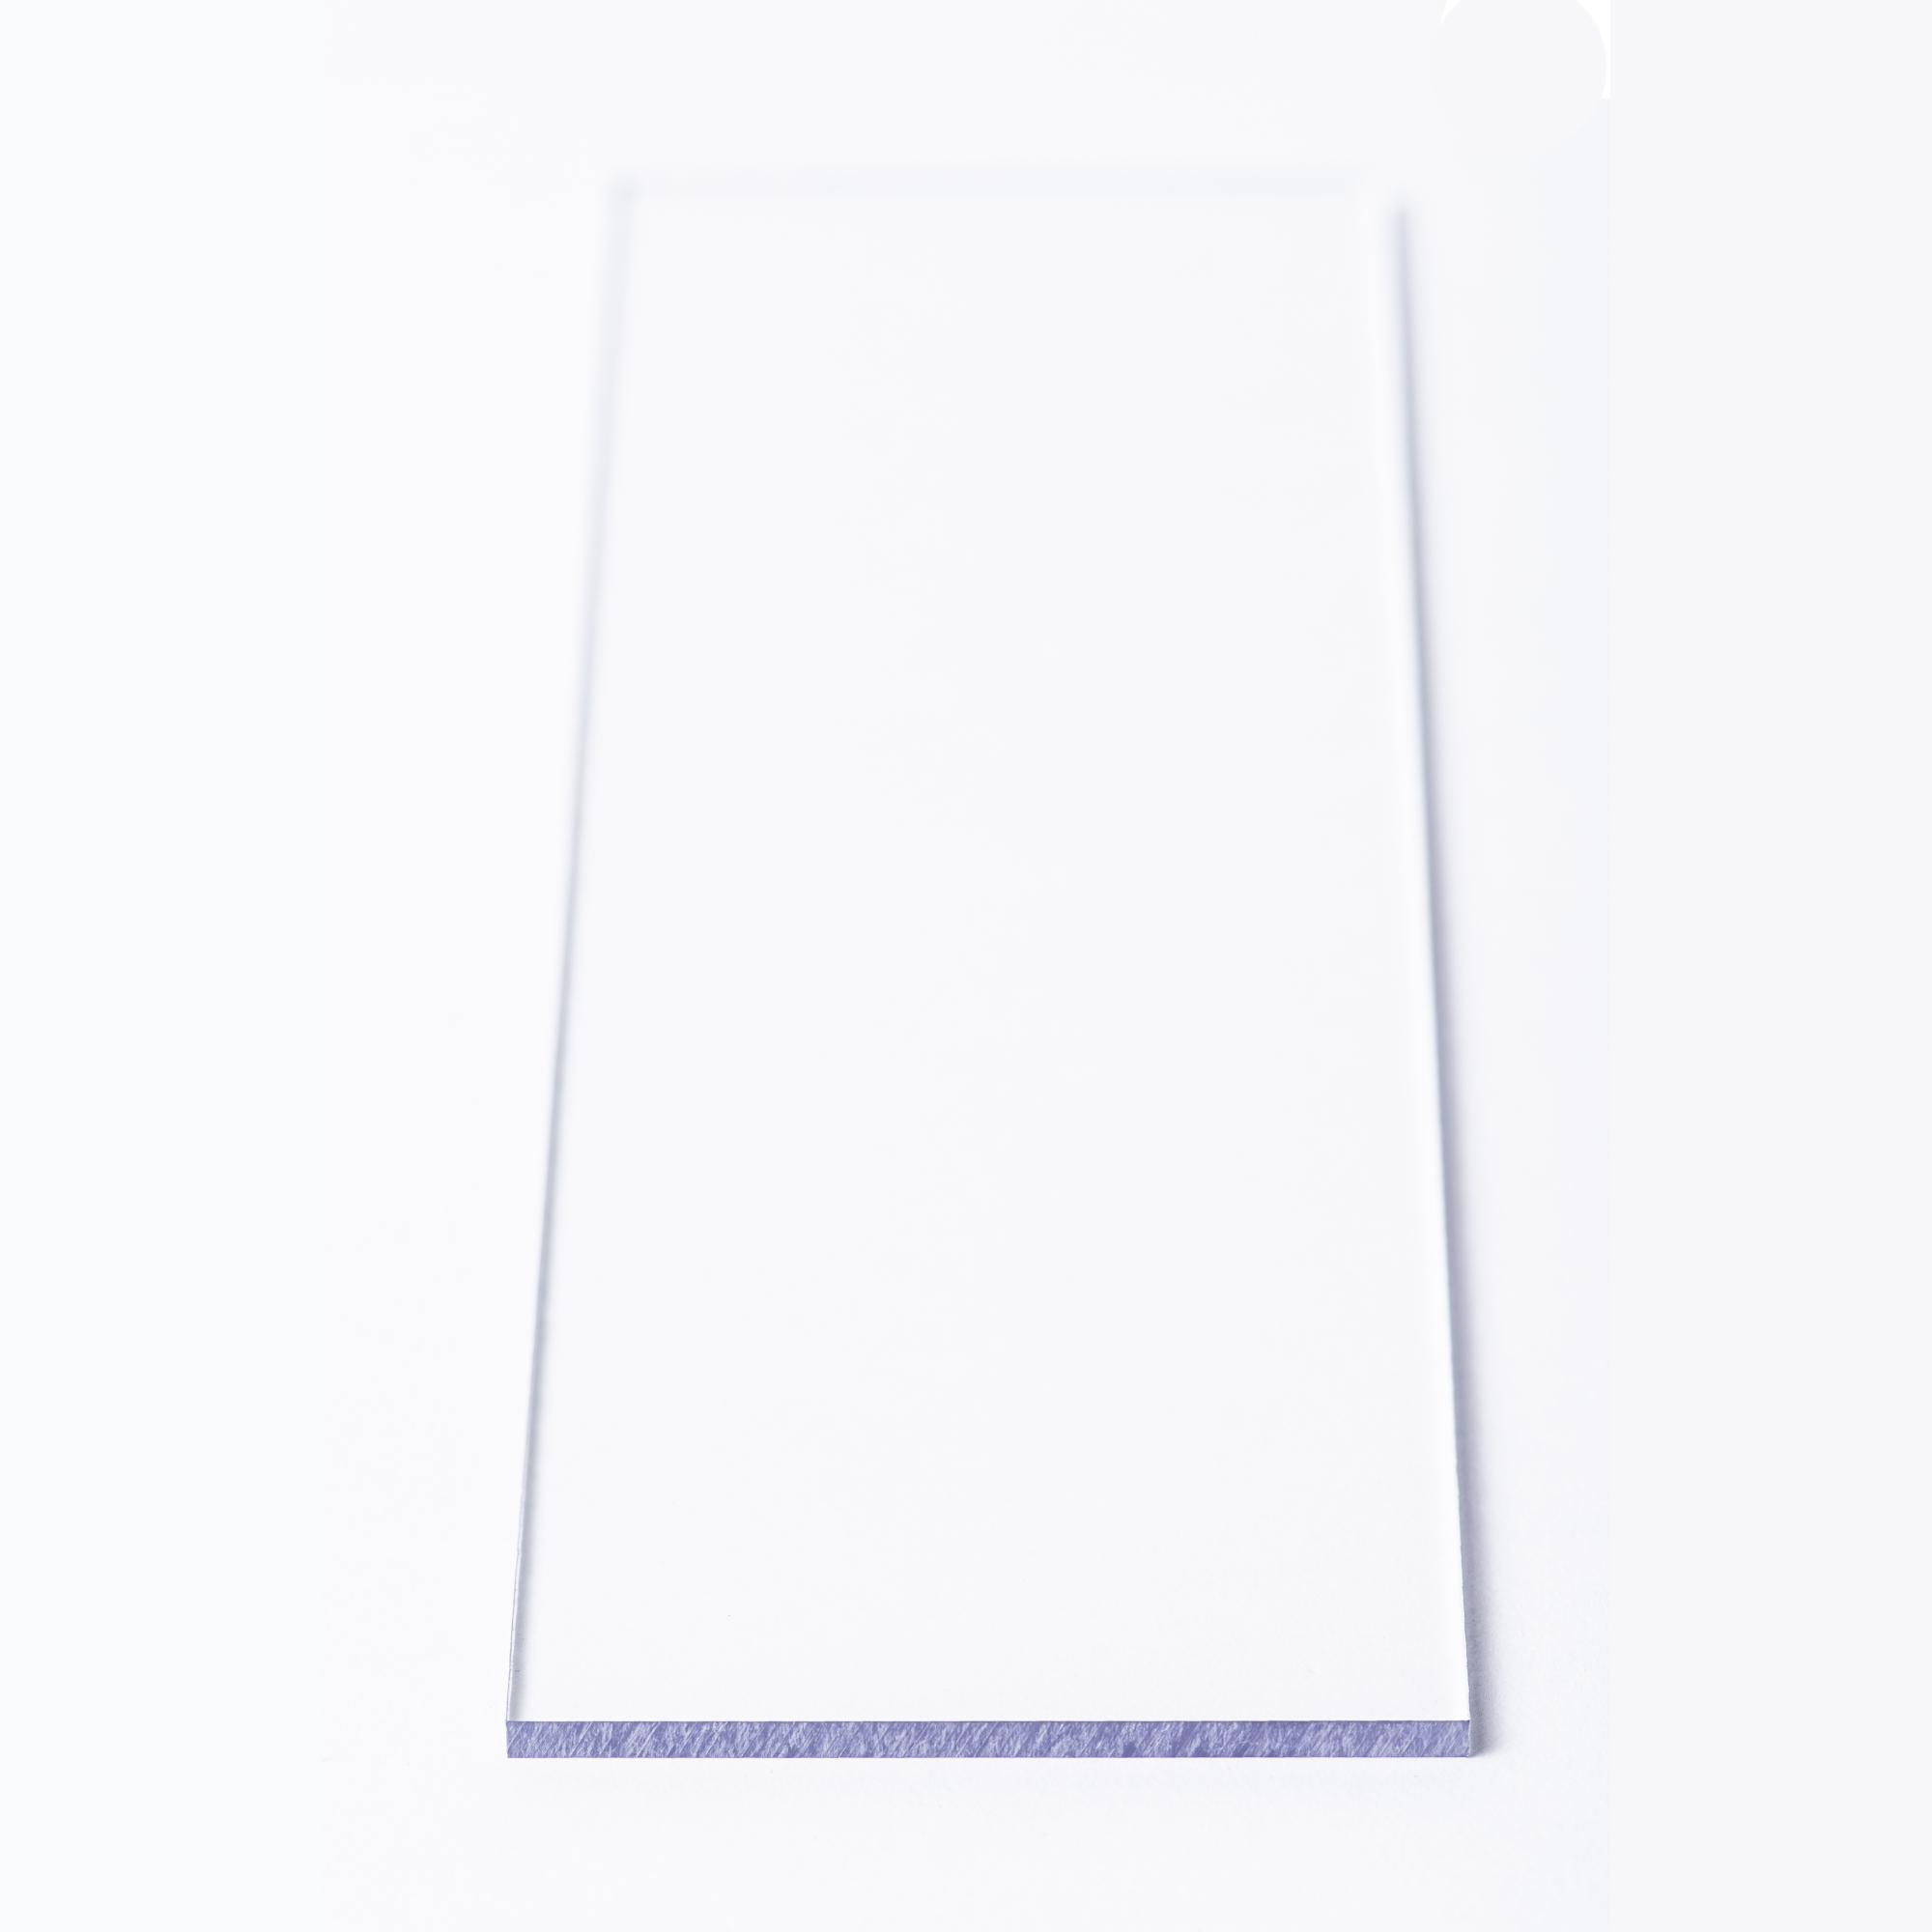 Polykarbonátová plná deska MAKROLIFE 3 čirá s UV ochranou 2050×3050mm